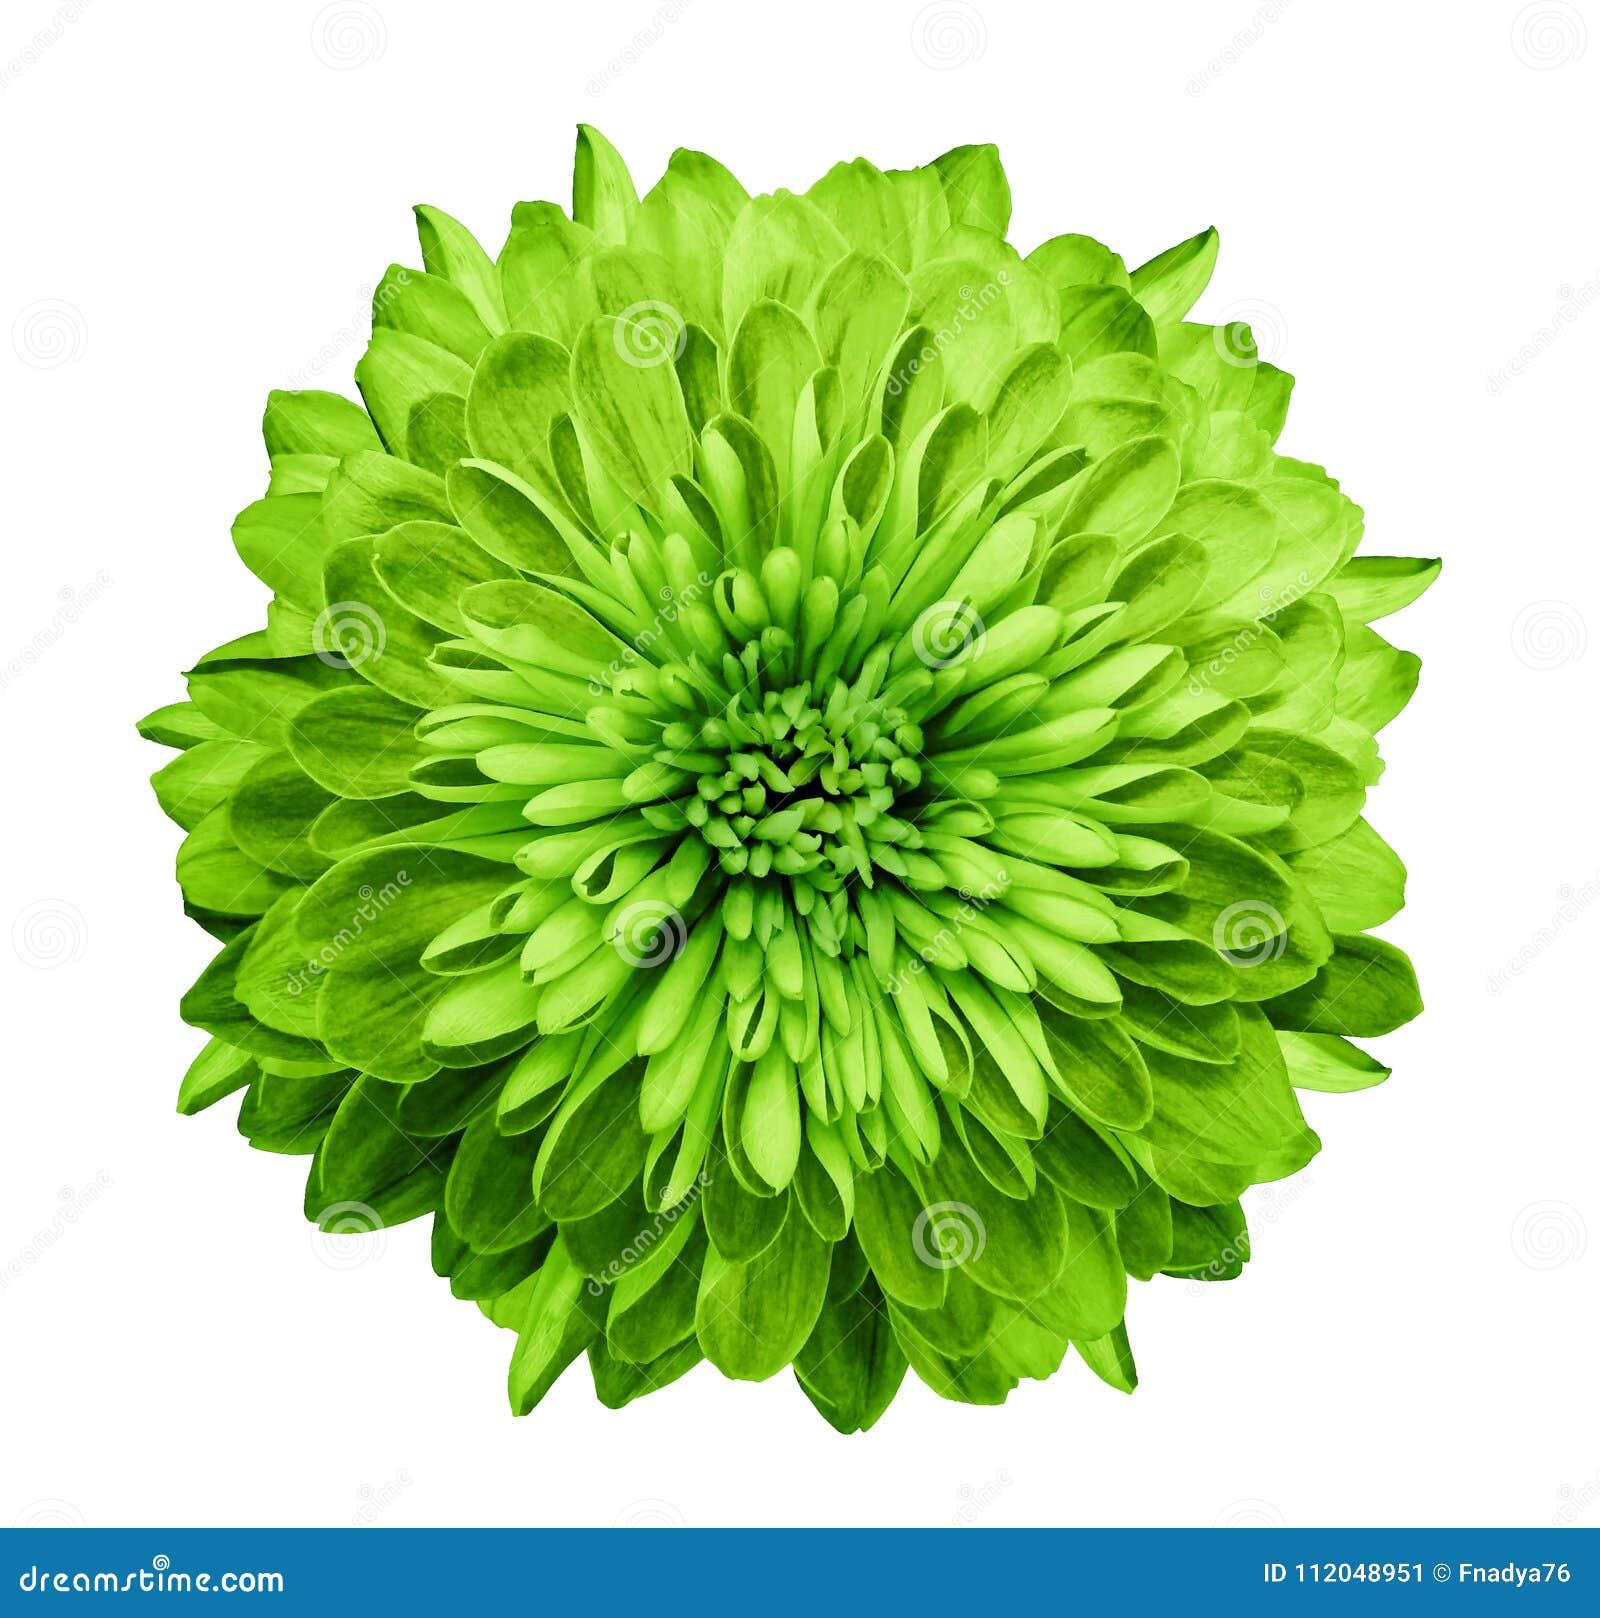 Verde del crisantemo Fiorisca su fondo bianco isolato con il percorso di ritaglio senza ombre Primo piano Per il disegno